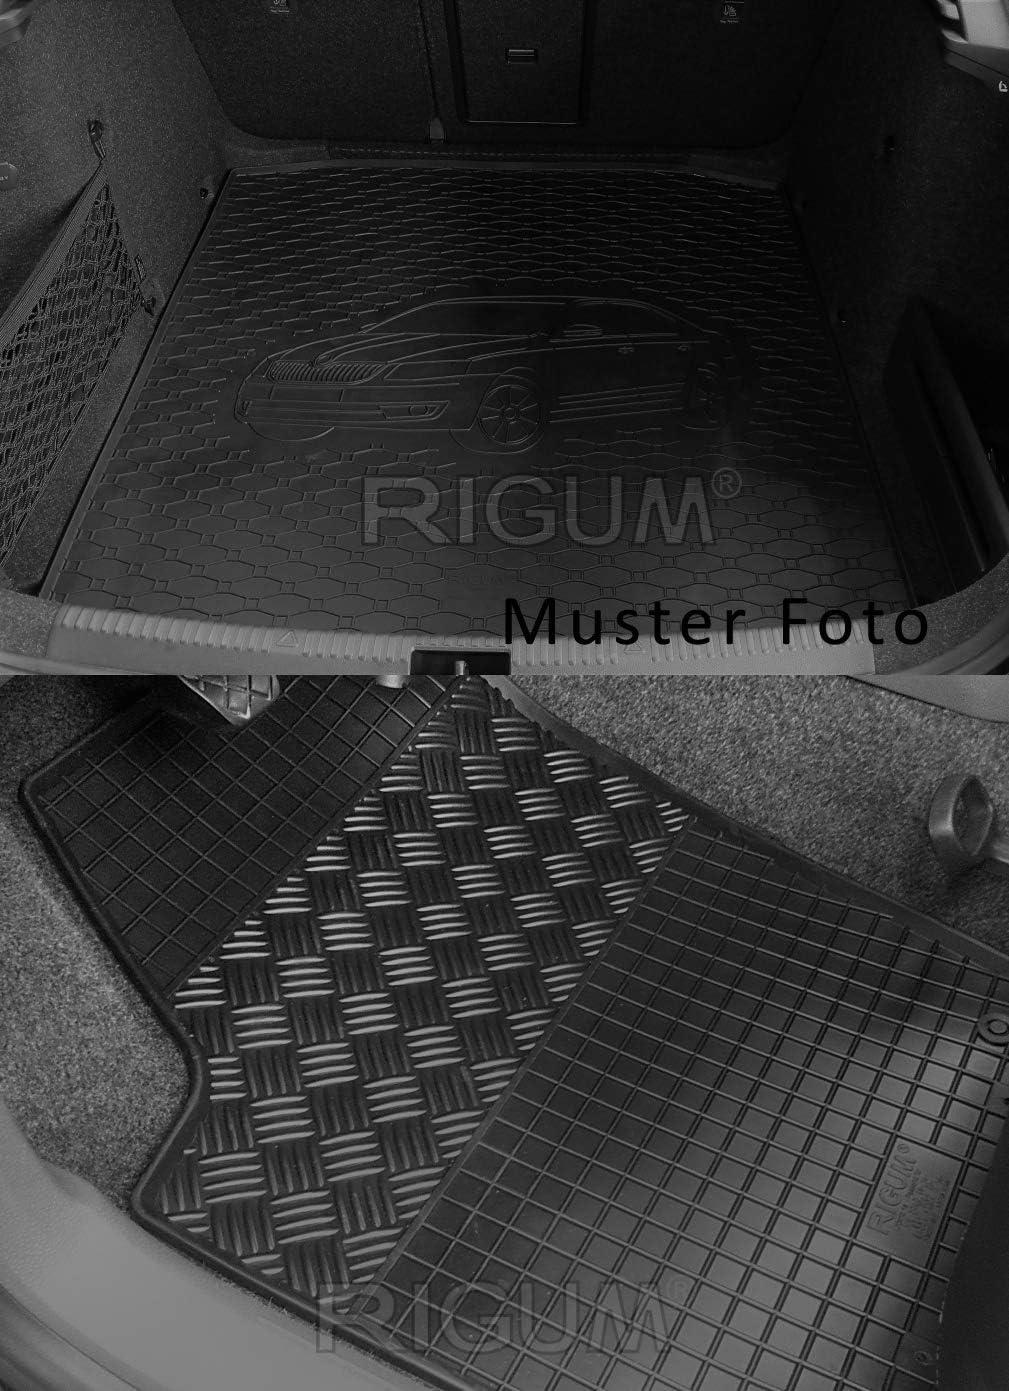 Kofferraumwanne Und Gummifußmatten Rigum Geeignet Für Seat Ateca 4x2 Ab 2016 Perfekt Angepasst Extra Auto Duft Auto